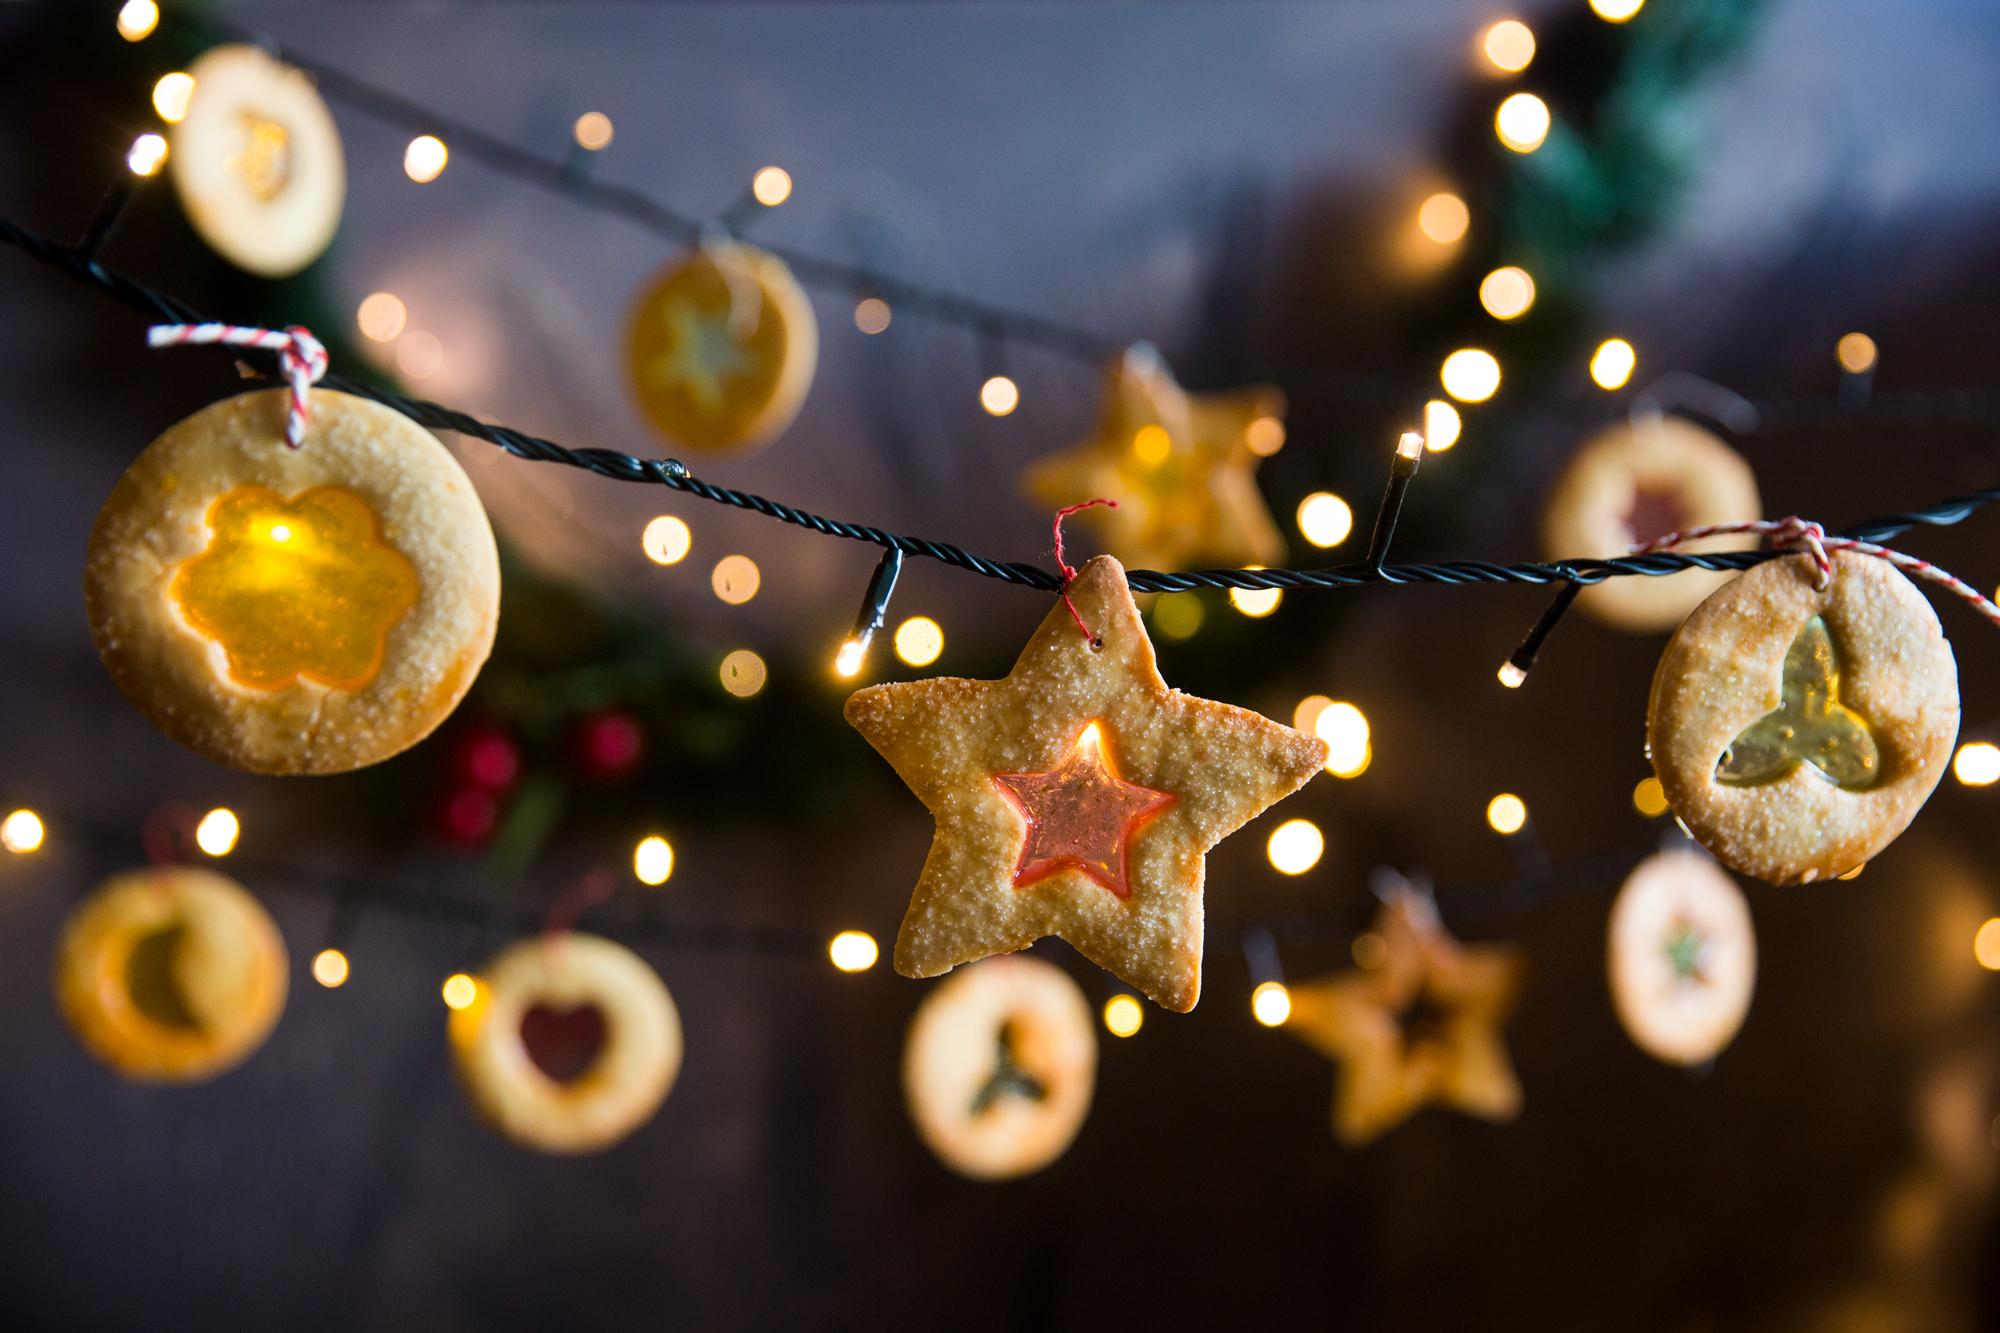 Christmas light cookies.  For News.com.au, December 2016.